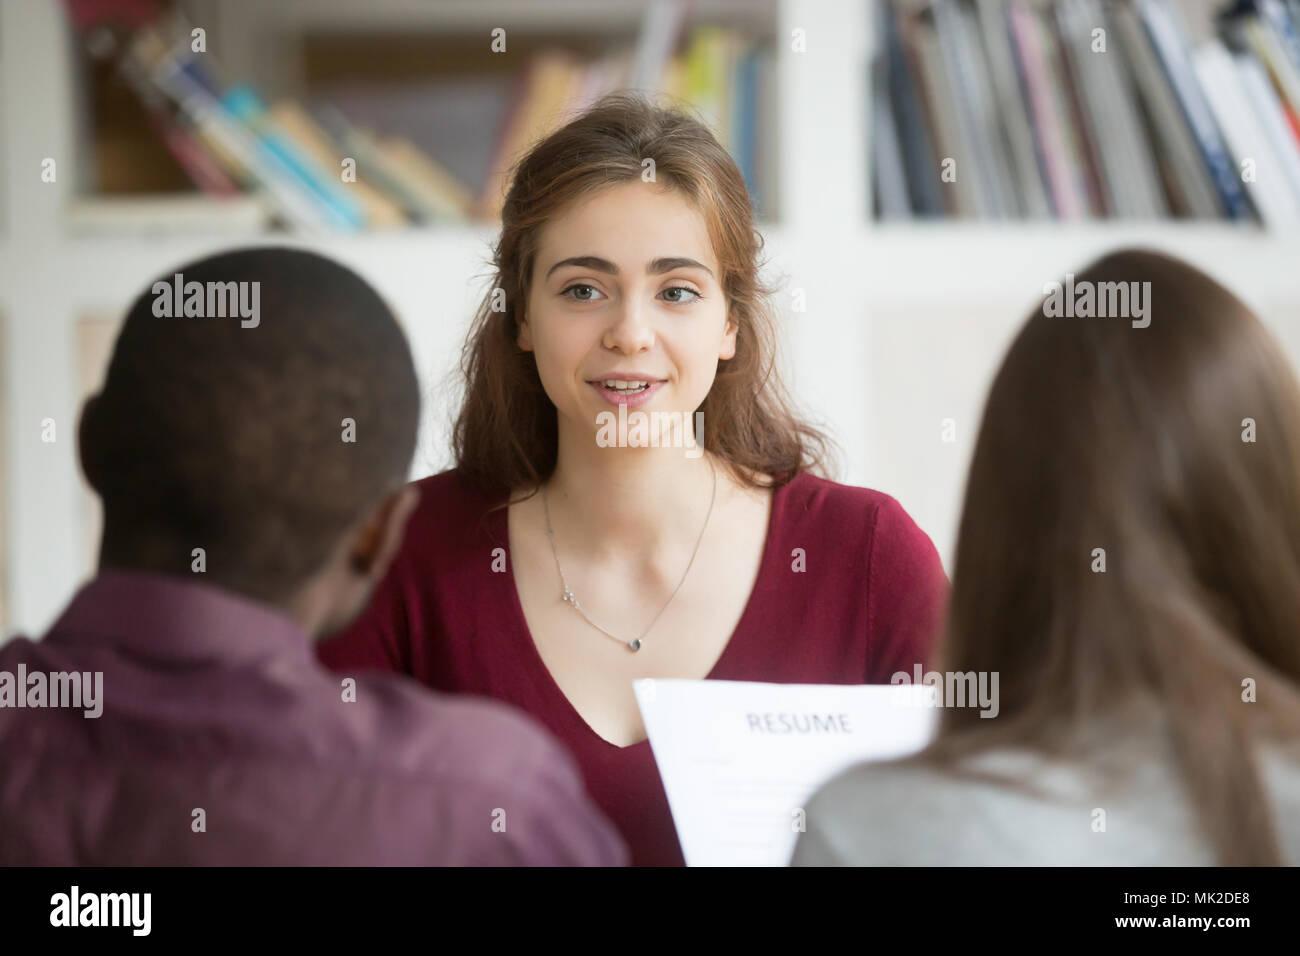 Solicitante femenino siendo entrevistado por jóvenes directivos Imagen De Stock